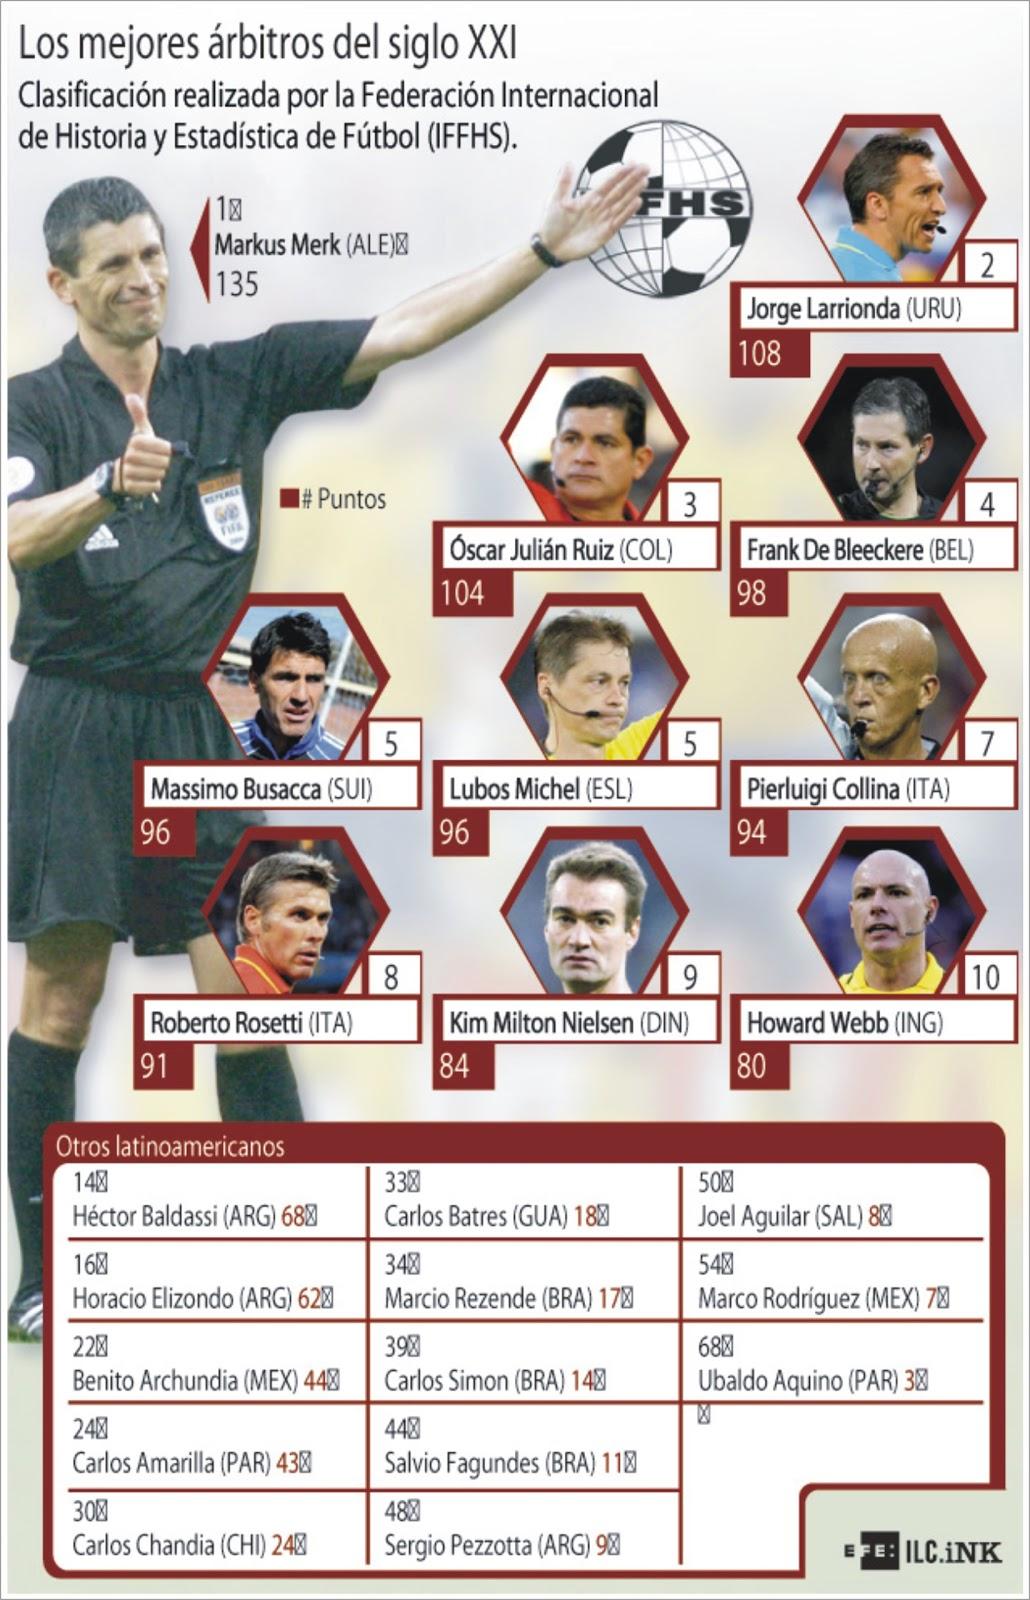 Los mejores árbitros de la década 2000 según la IFFHS.